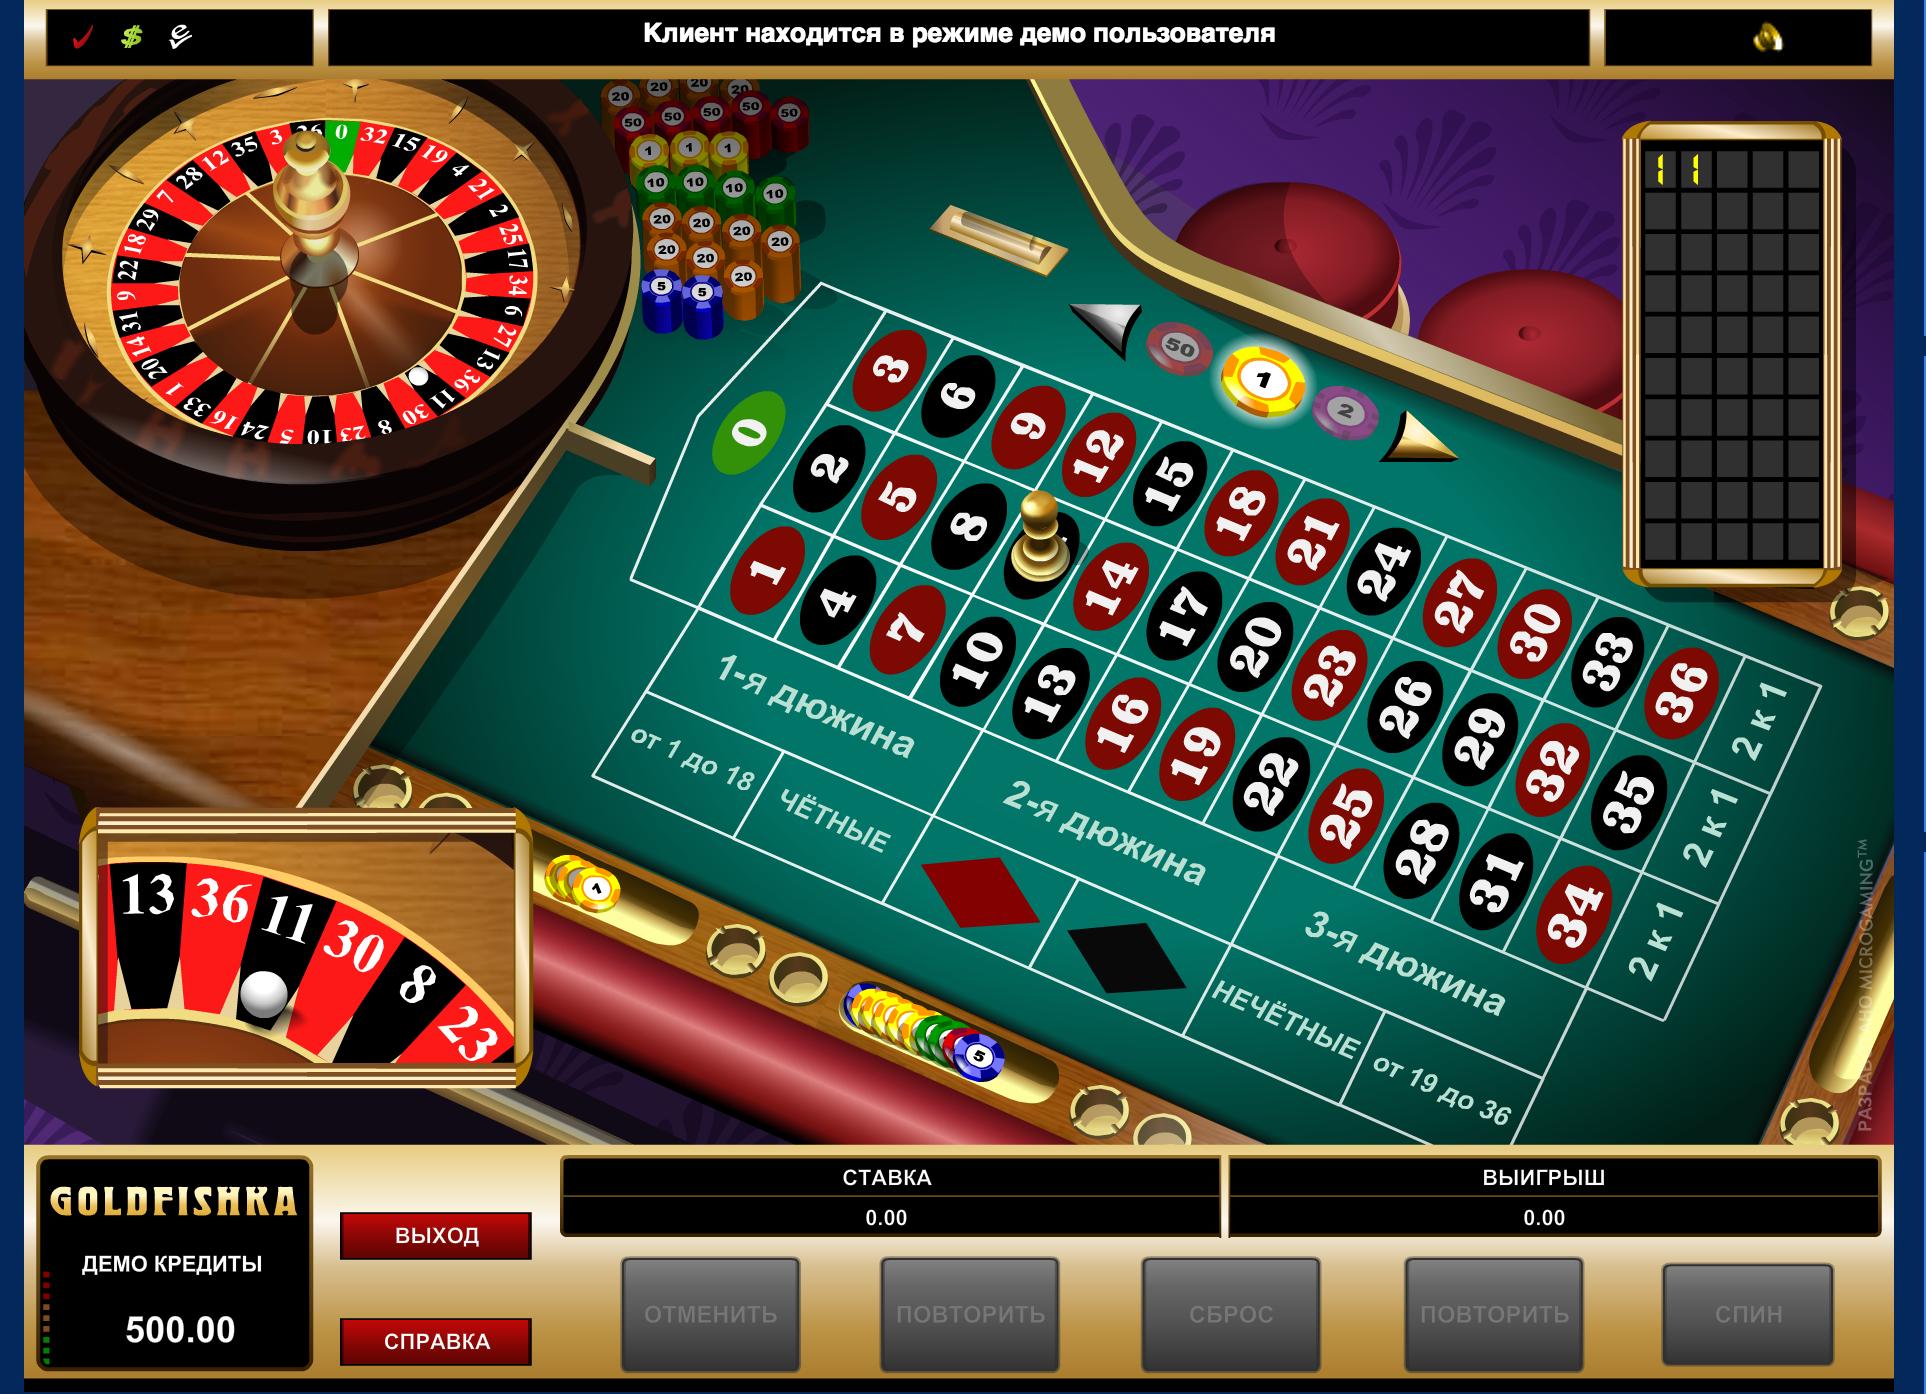 Играть гранд казино бесплатно в казахстане вулкан 5 казино